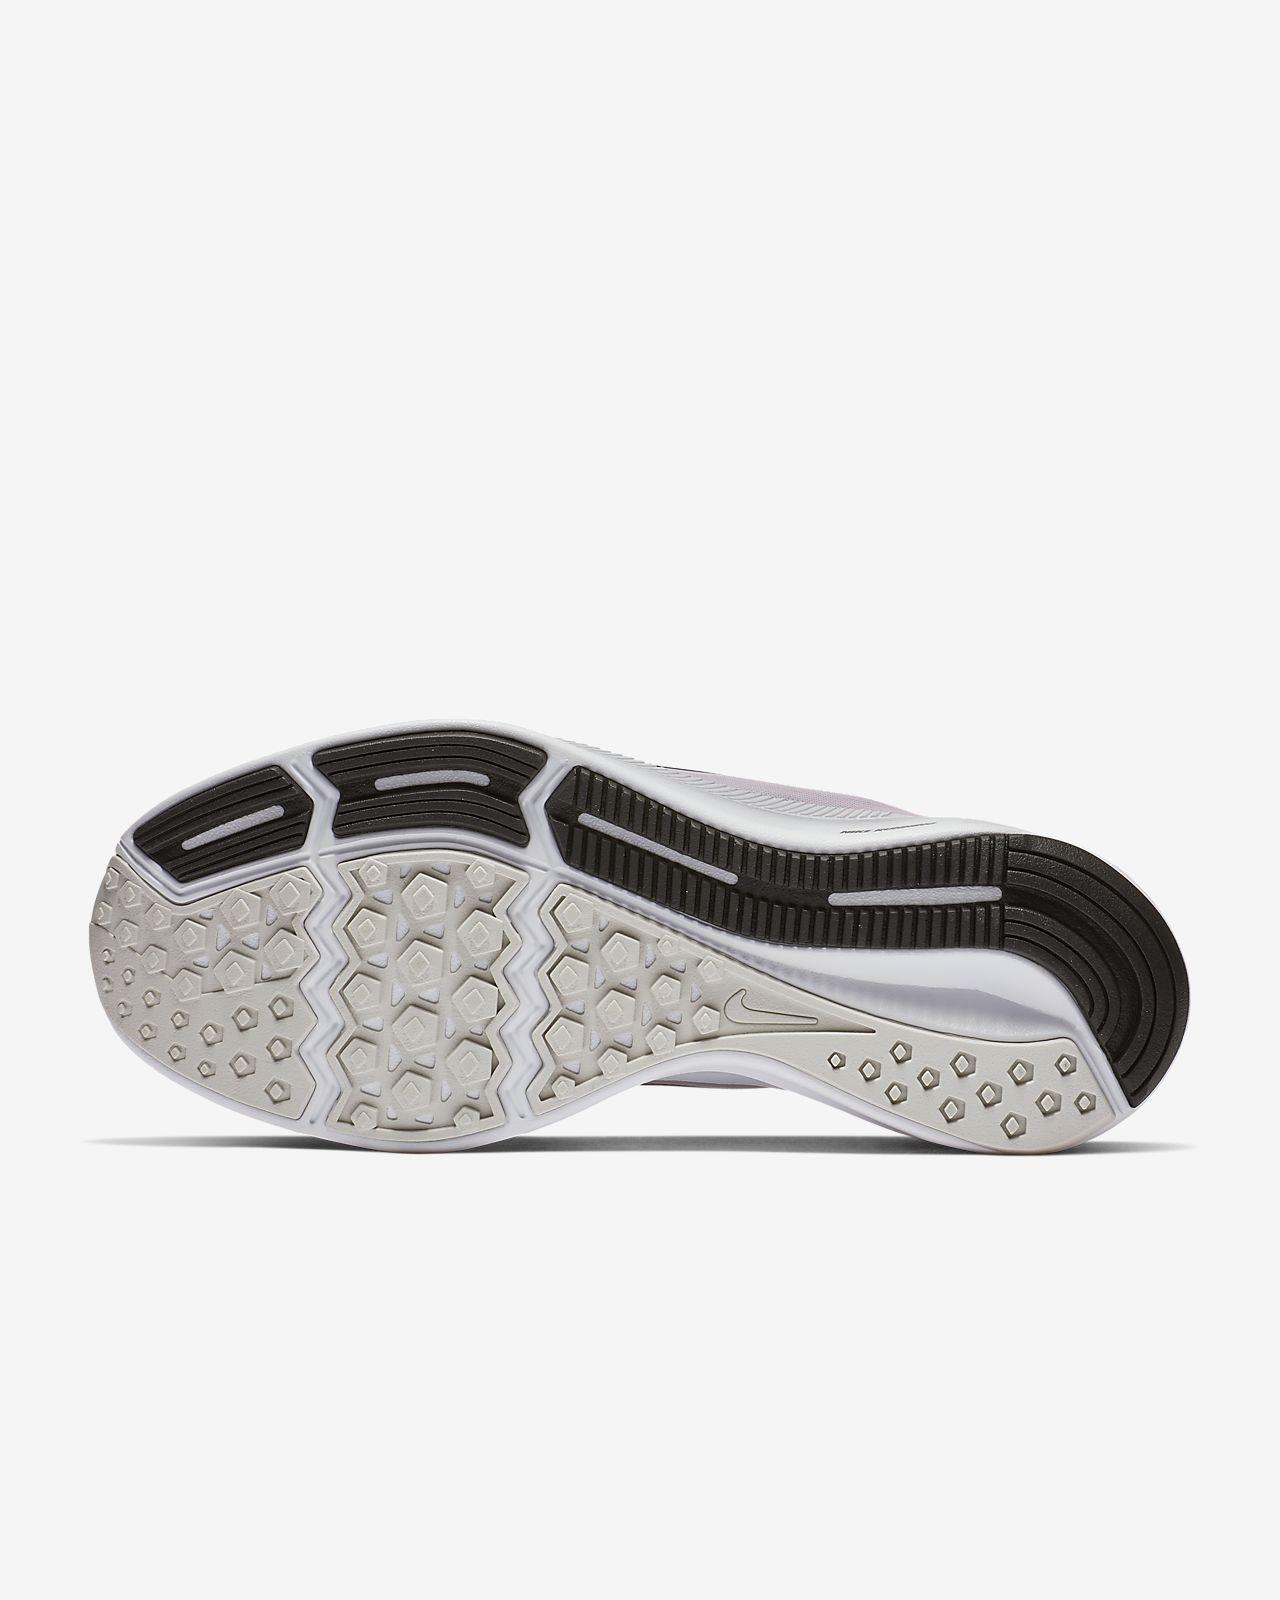 huge selection of da397 5ded2 ... Nike Downshifter 8 Womens Running Shoe